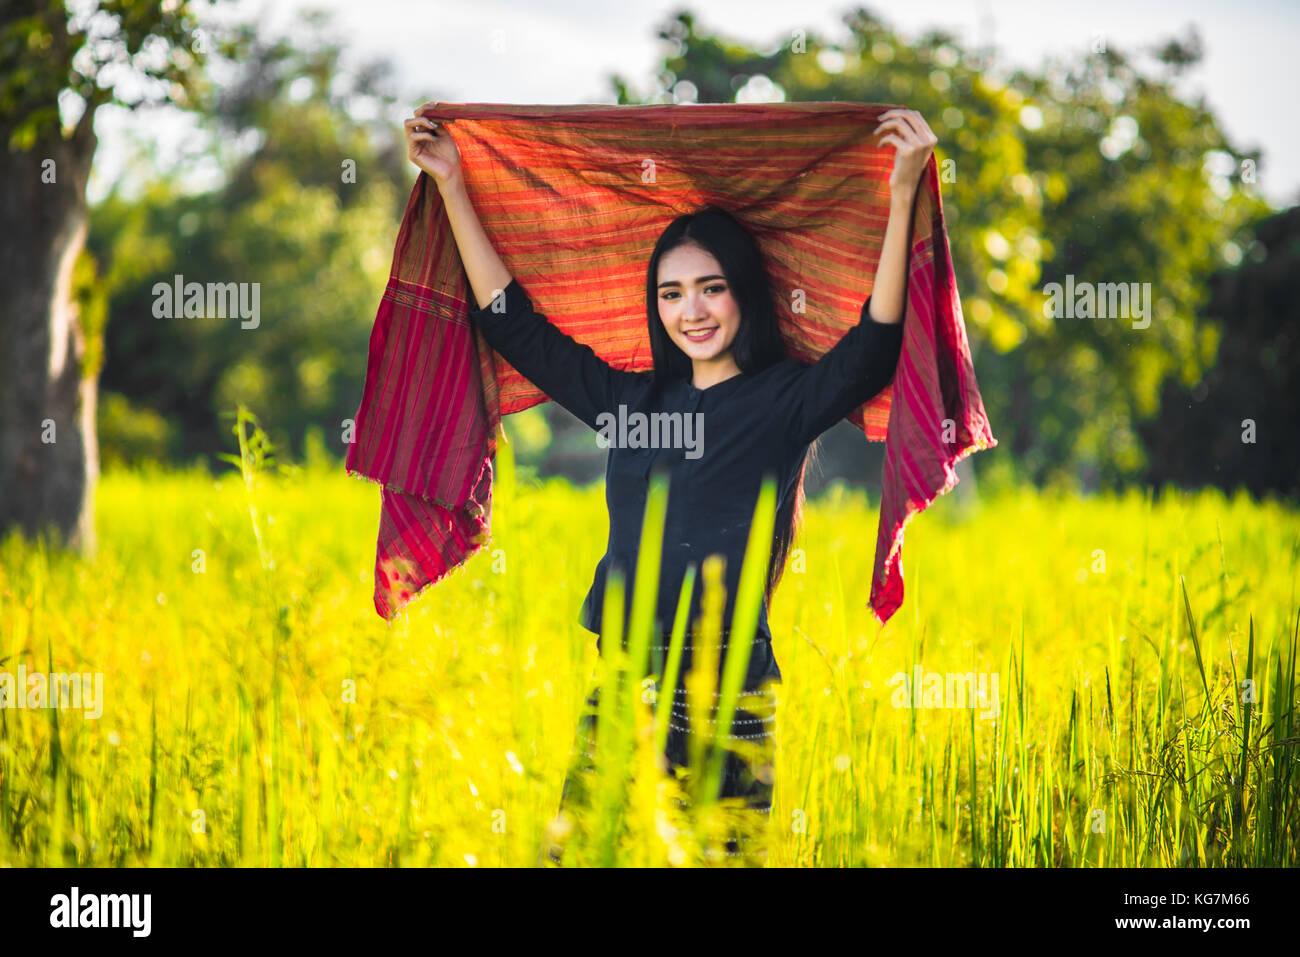 Schöne junge Frau Bauer in Thailand, lächelnde Frau mit perfekten Lächeln und im Wald. Stockbild